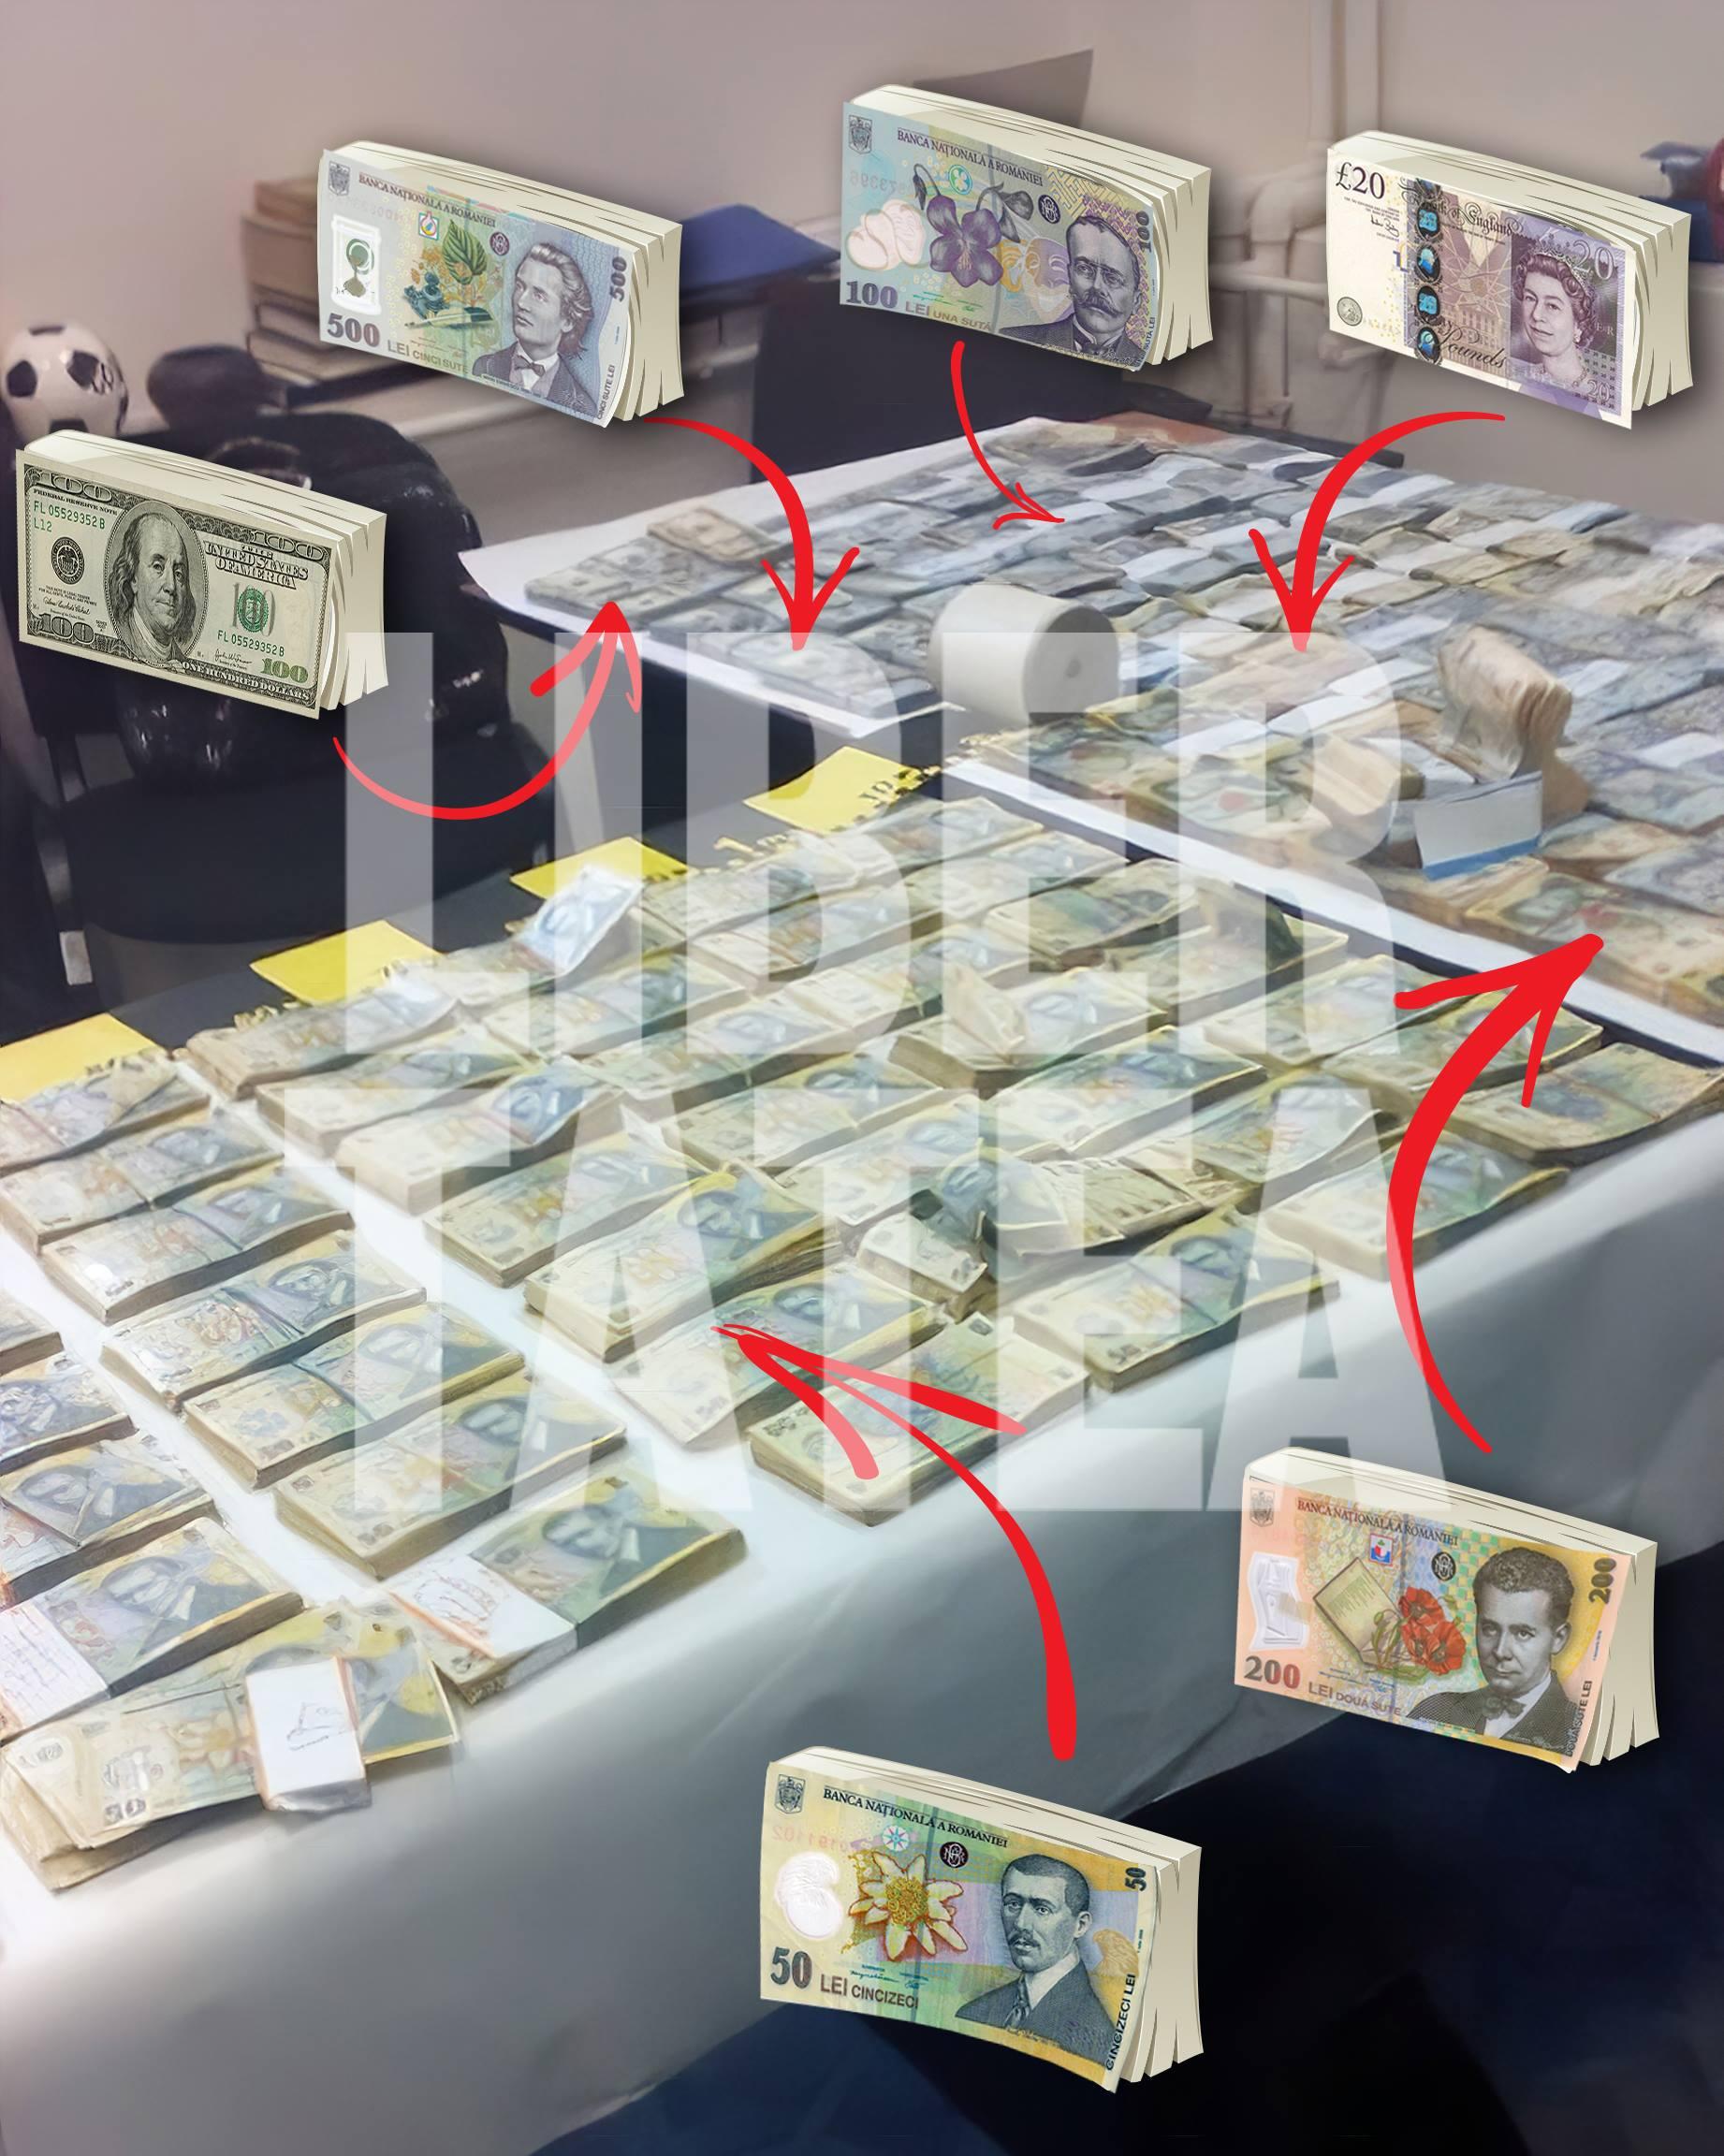 Înalta Curte ține secrete probele din dosarul Vâlcov, după ce Libertatea a publicat fotografia cu cei 1,3 milioane de lei și 90.000 de dolari confiscați la percheziție